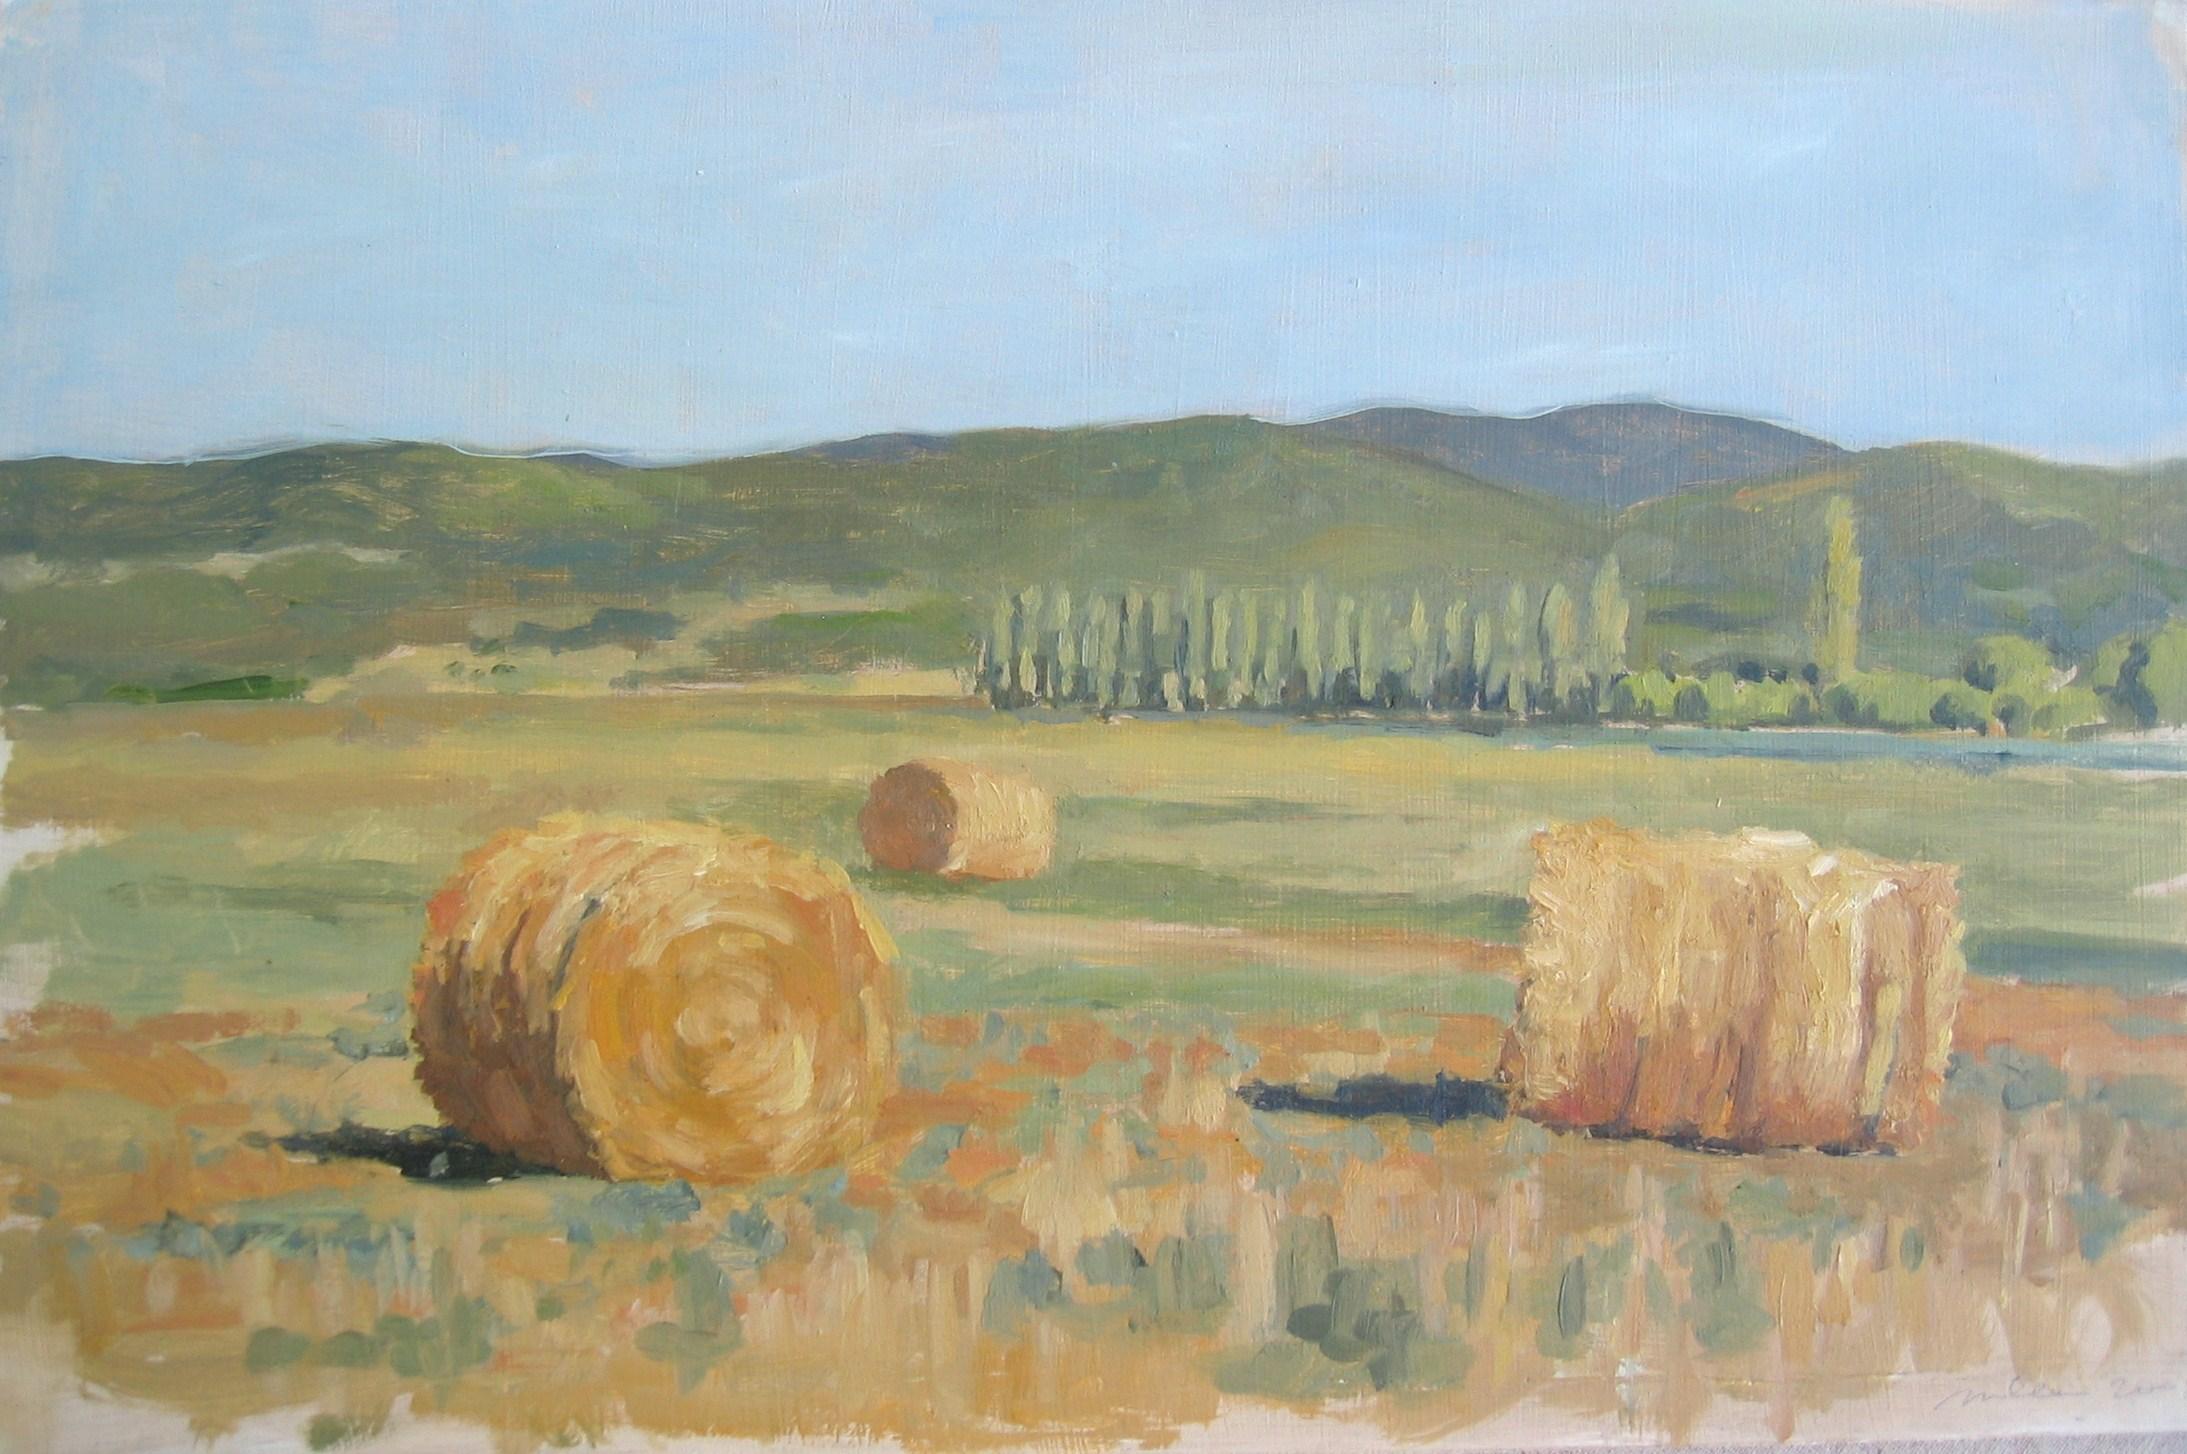 bales painting 2.JPG